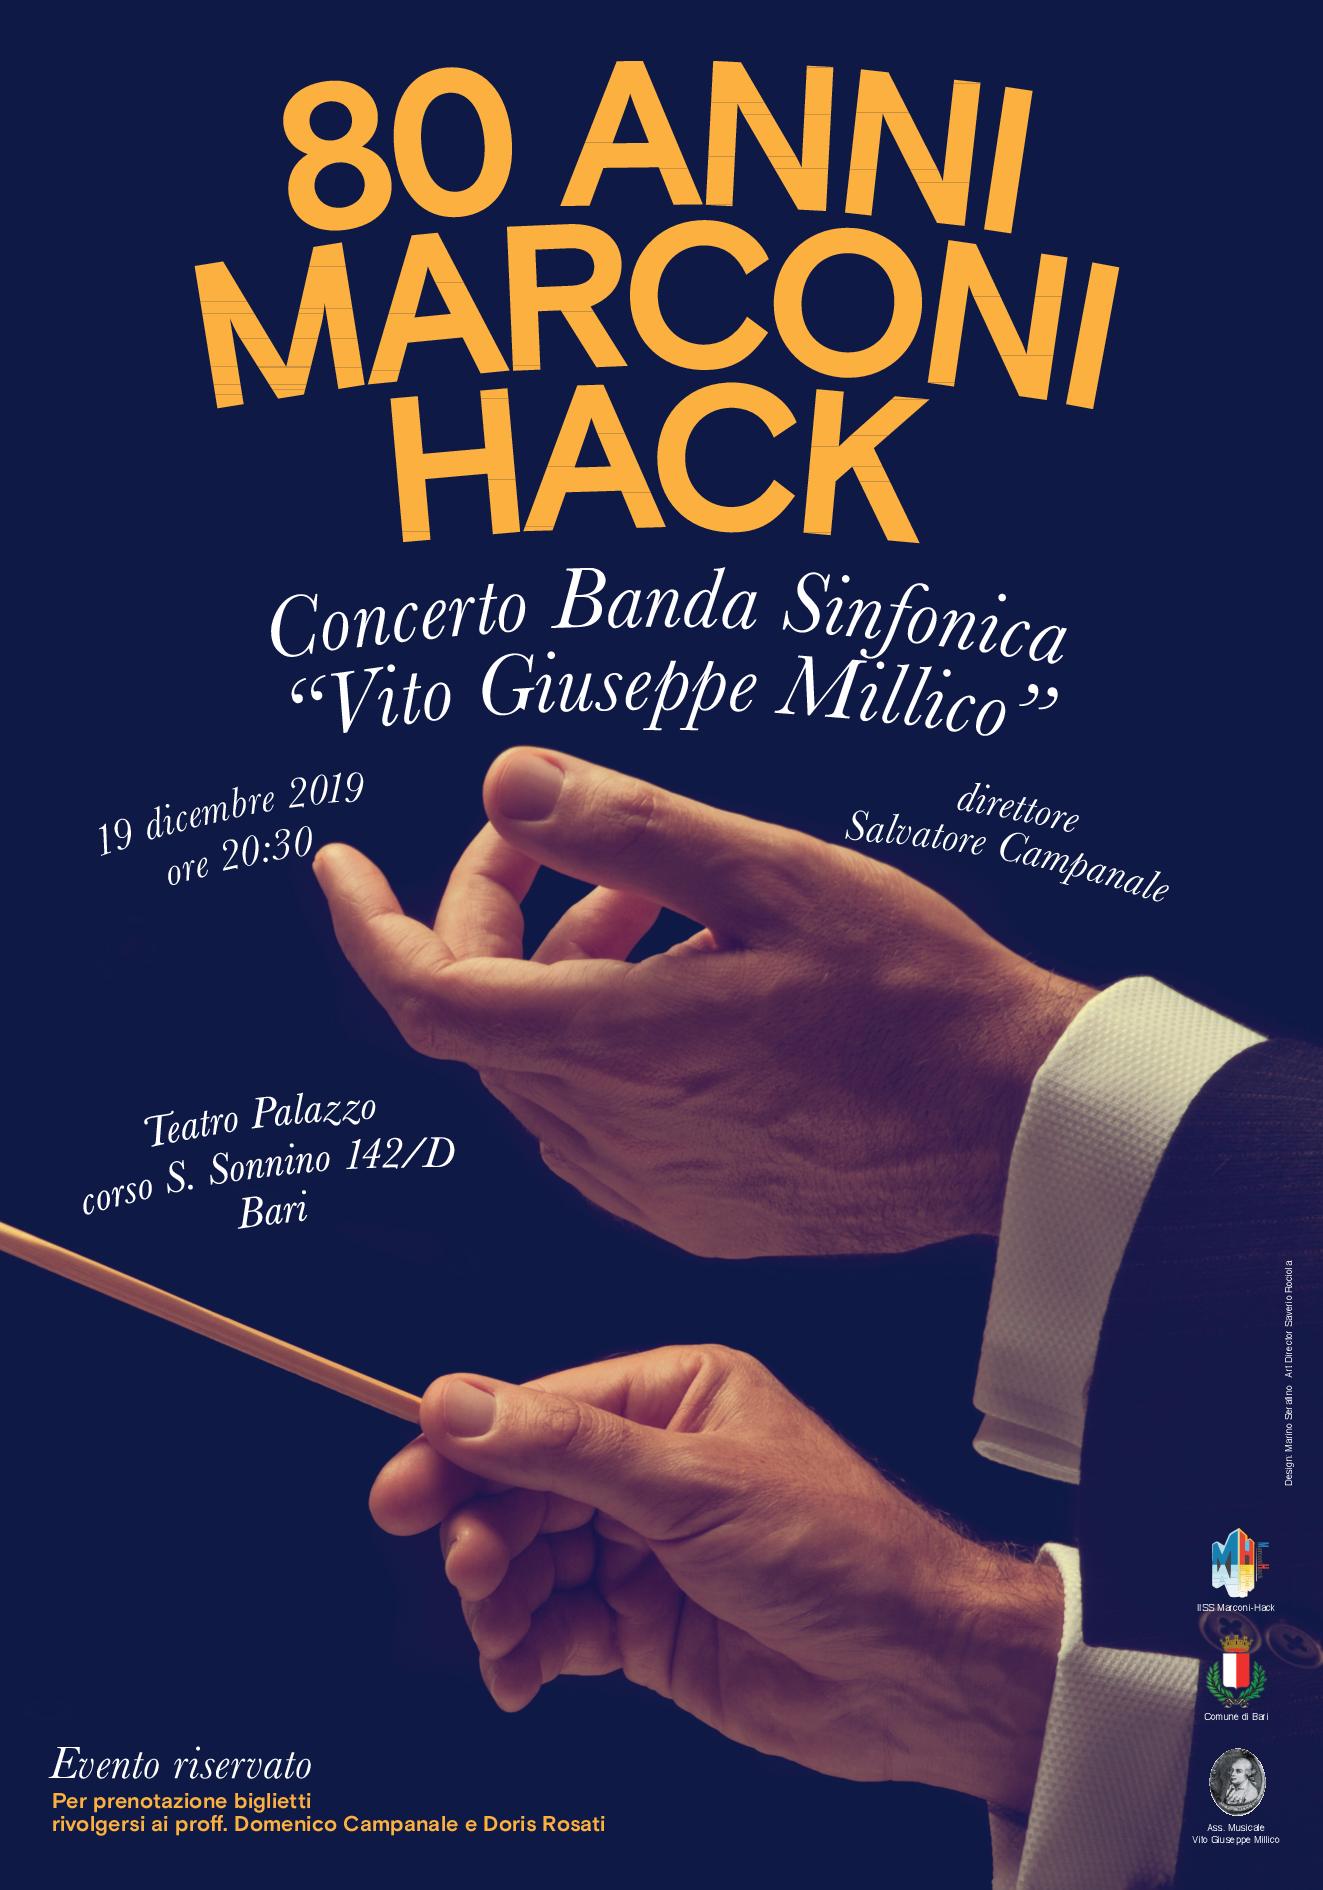 Locandina concerto 80 anni